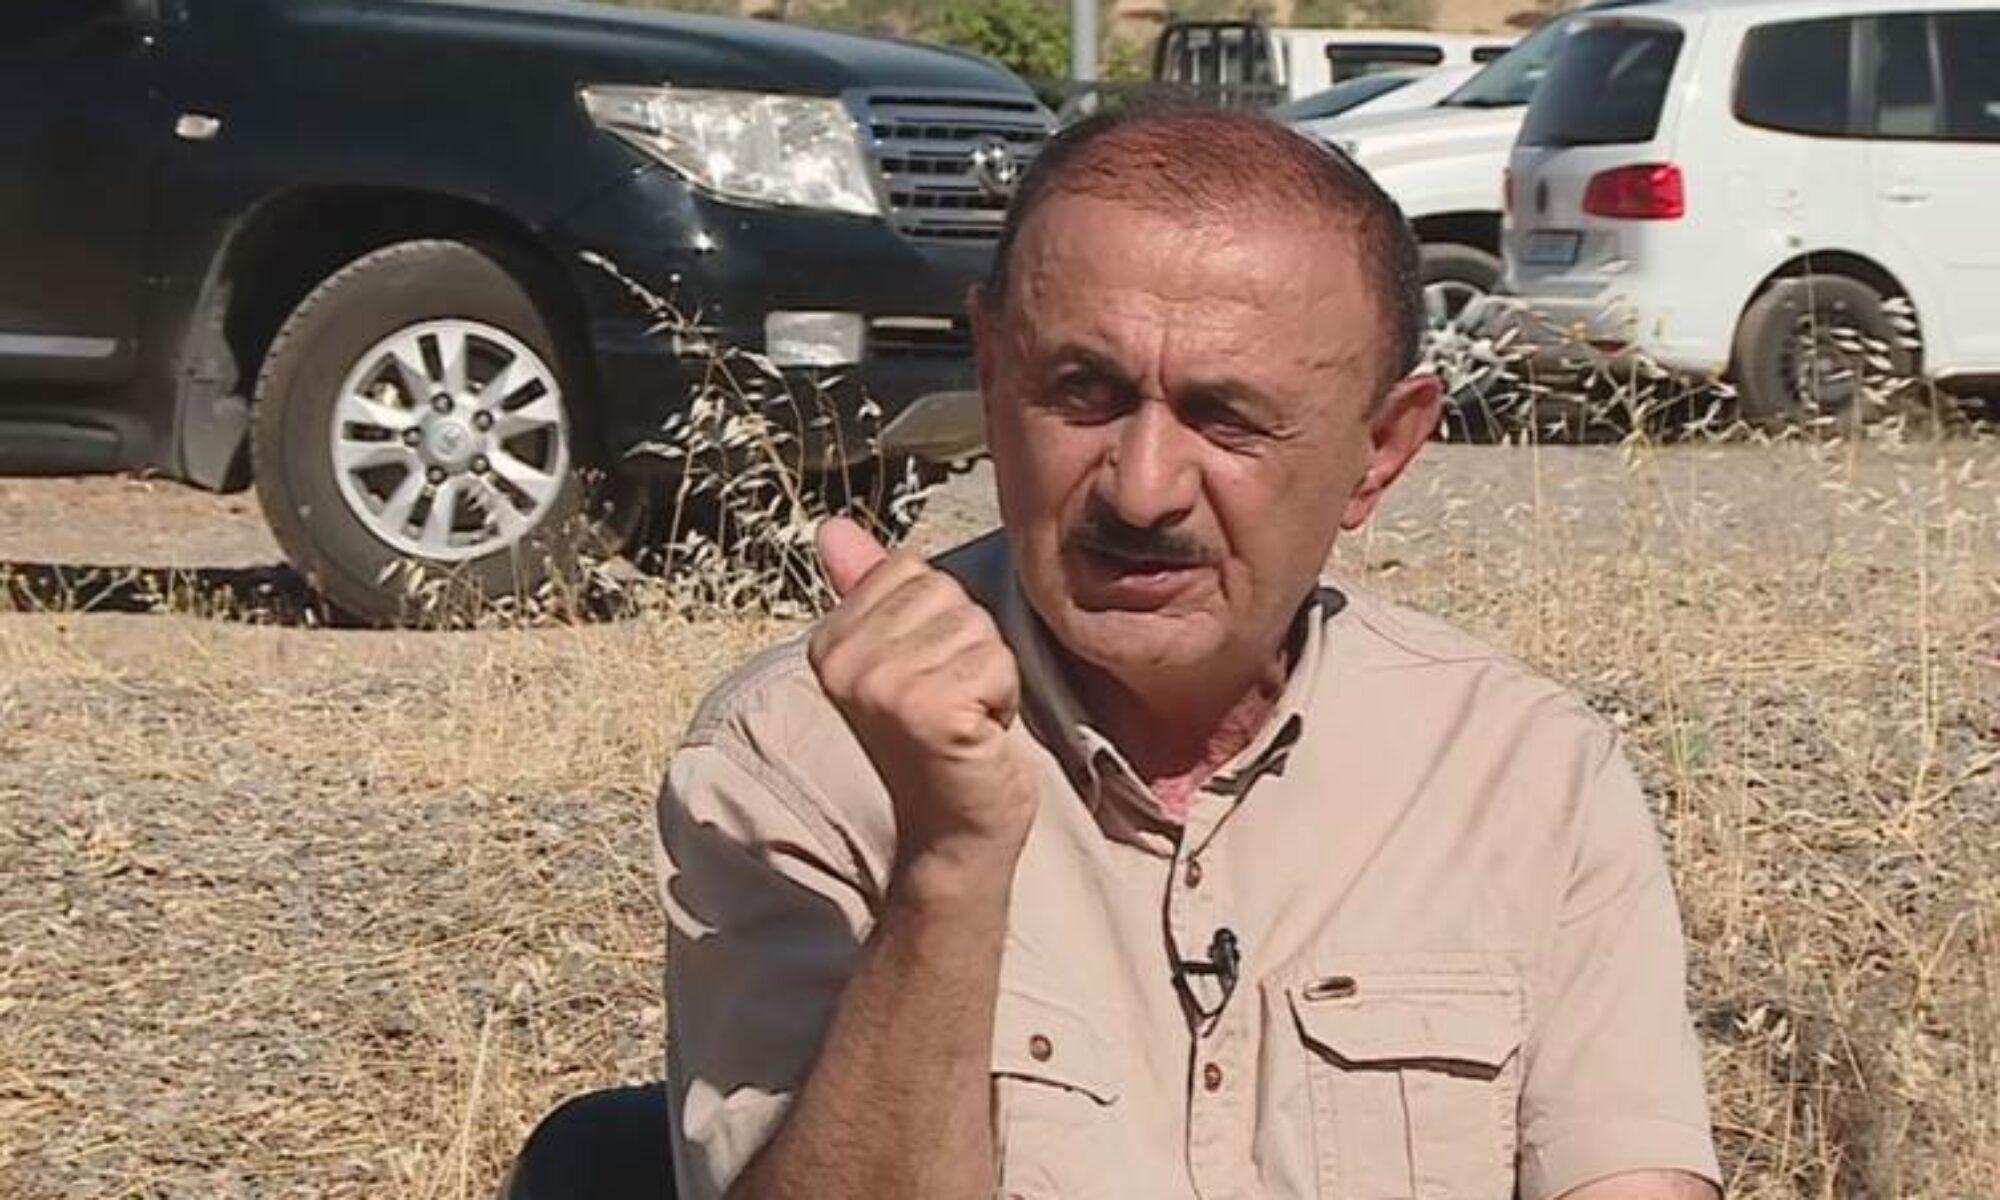 Türkiye'nin Kürdistan'daki Orman talanını deşifre eden Parlamenter Hirori: PKK sınırdaki pek çok yeri Türk ordusuna teslim etti